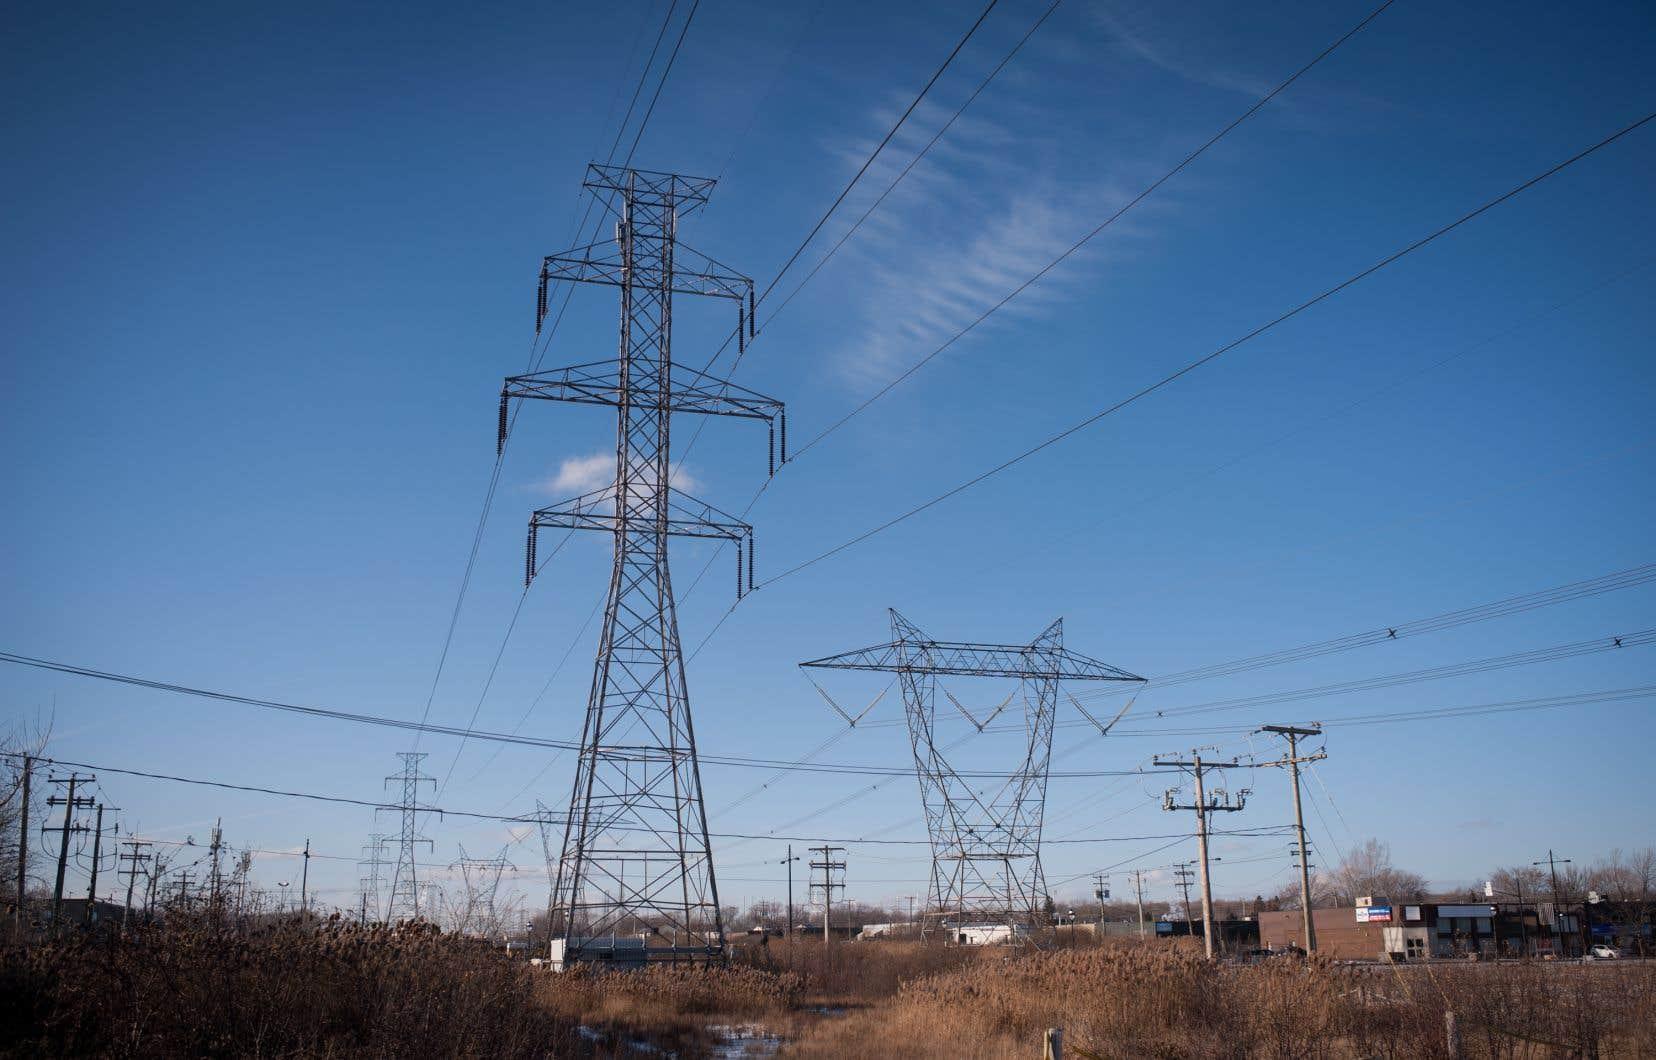 Le projet de loi permettrait de remettre 500millions aux clients d'Hydro dès 2020, mais abolirait le système annuel d'évaluation des tarifs d'électricité par la Régie de l'énergie. Les tarifs seraient plutôt gelés lors de la première année, puis fixés en fonction de l'inflation.